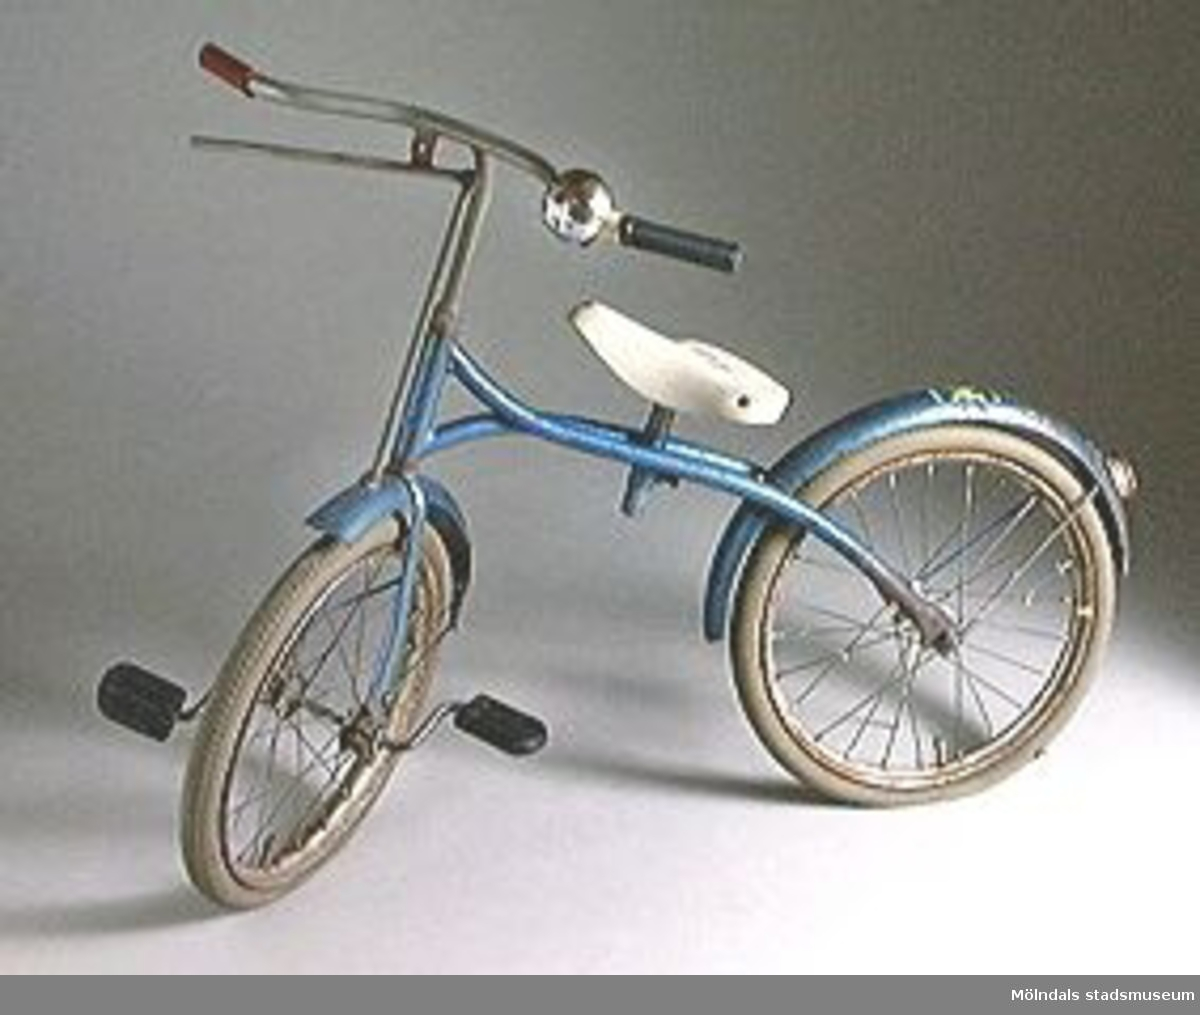 """Barncykel med blå färg, vit sadel av hårdgummi, pumpbara gummidäck, gummipedaler på framhjulet. Gummihandtag på styret, ringklocka av metall, handbroms, kattöga baktill.Klistermärke med """"K"""".Något rostig.Tidigare sakord: barncykel.Cykeln inköptes 1986 av givaren i Lopplådan, Dalbogatan 3E, Mölndal."""